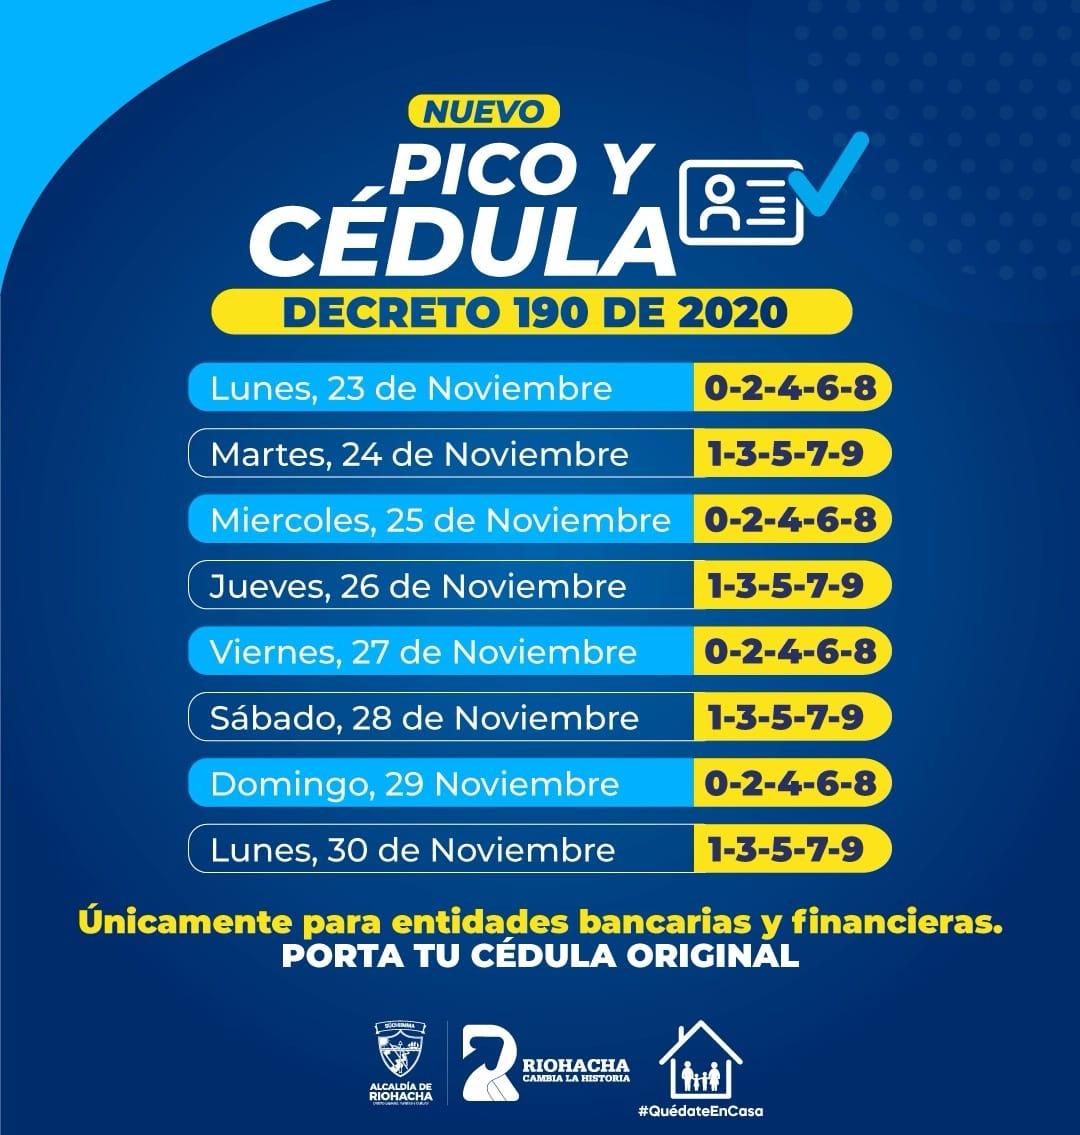 https://www.notasrosas.com/Riohacha tiene Nuevo Pico y Cédula